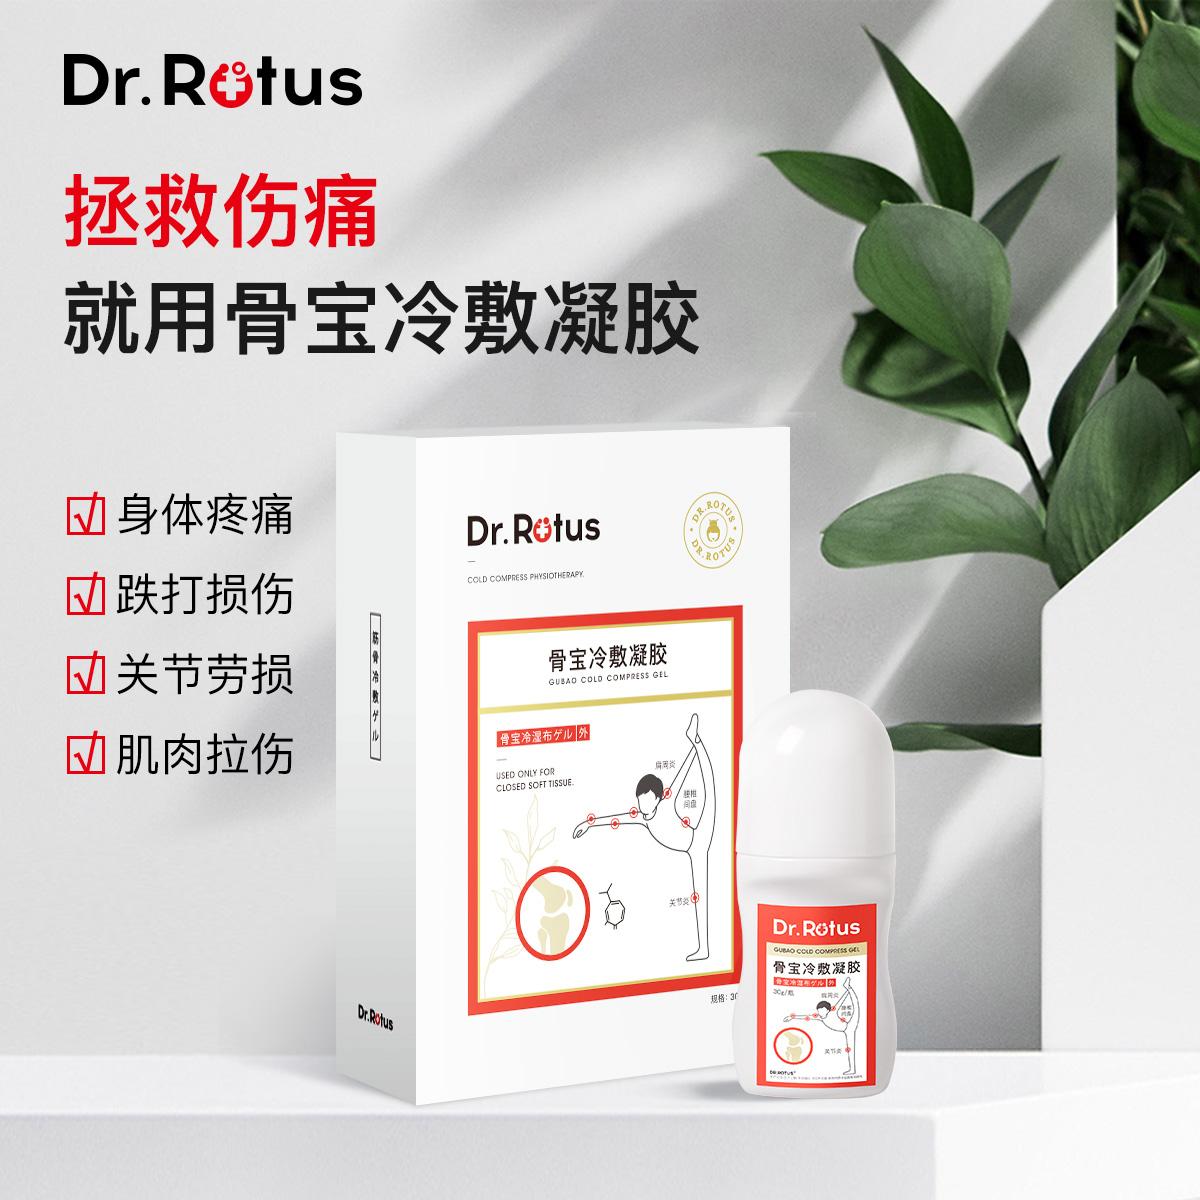 dr.rotus御田医生膝盖关节疼痛神器筋骨冷敷凝胶